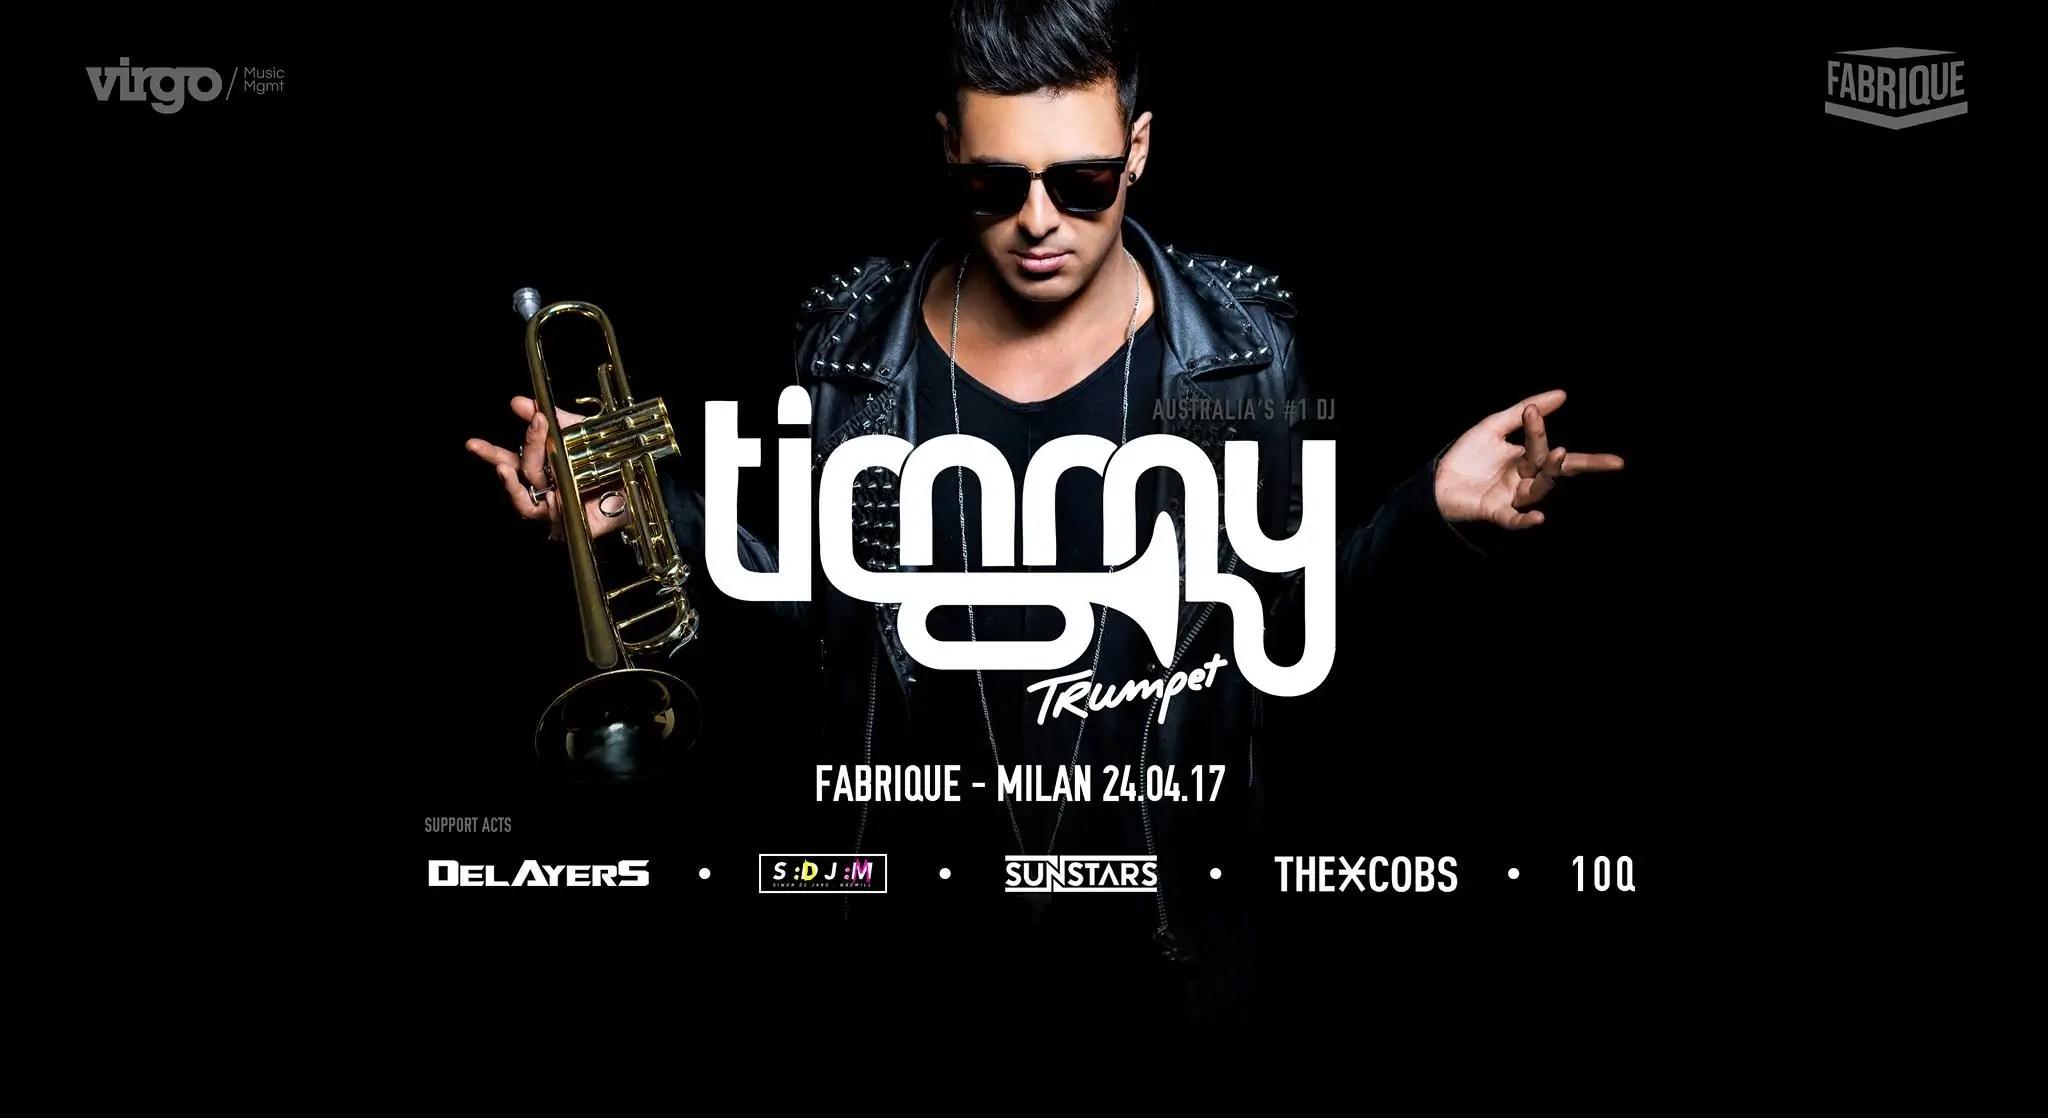 Timmy Trumpet FABRIQUE MILANO 24 Aprile 2017 Prezzi Ticket BIGLIETTI PREVENDITE PACCHETTI Hotel Bus